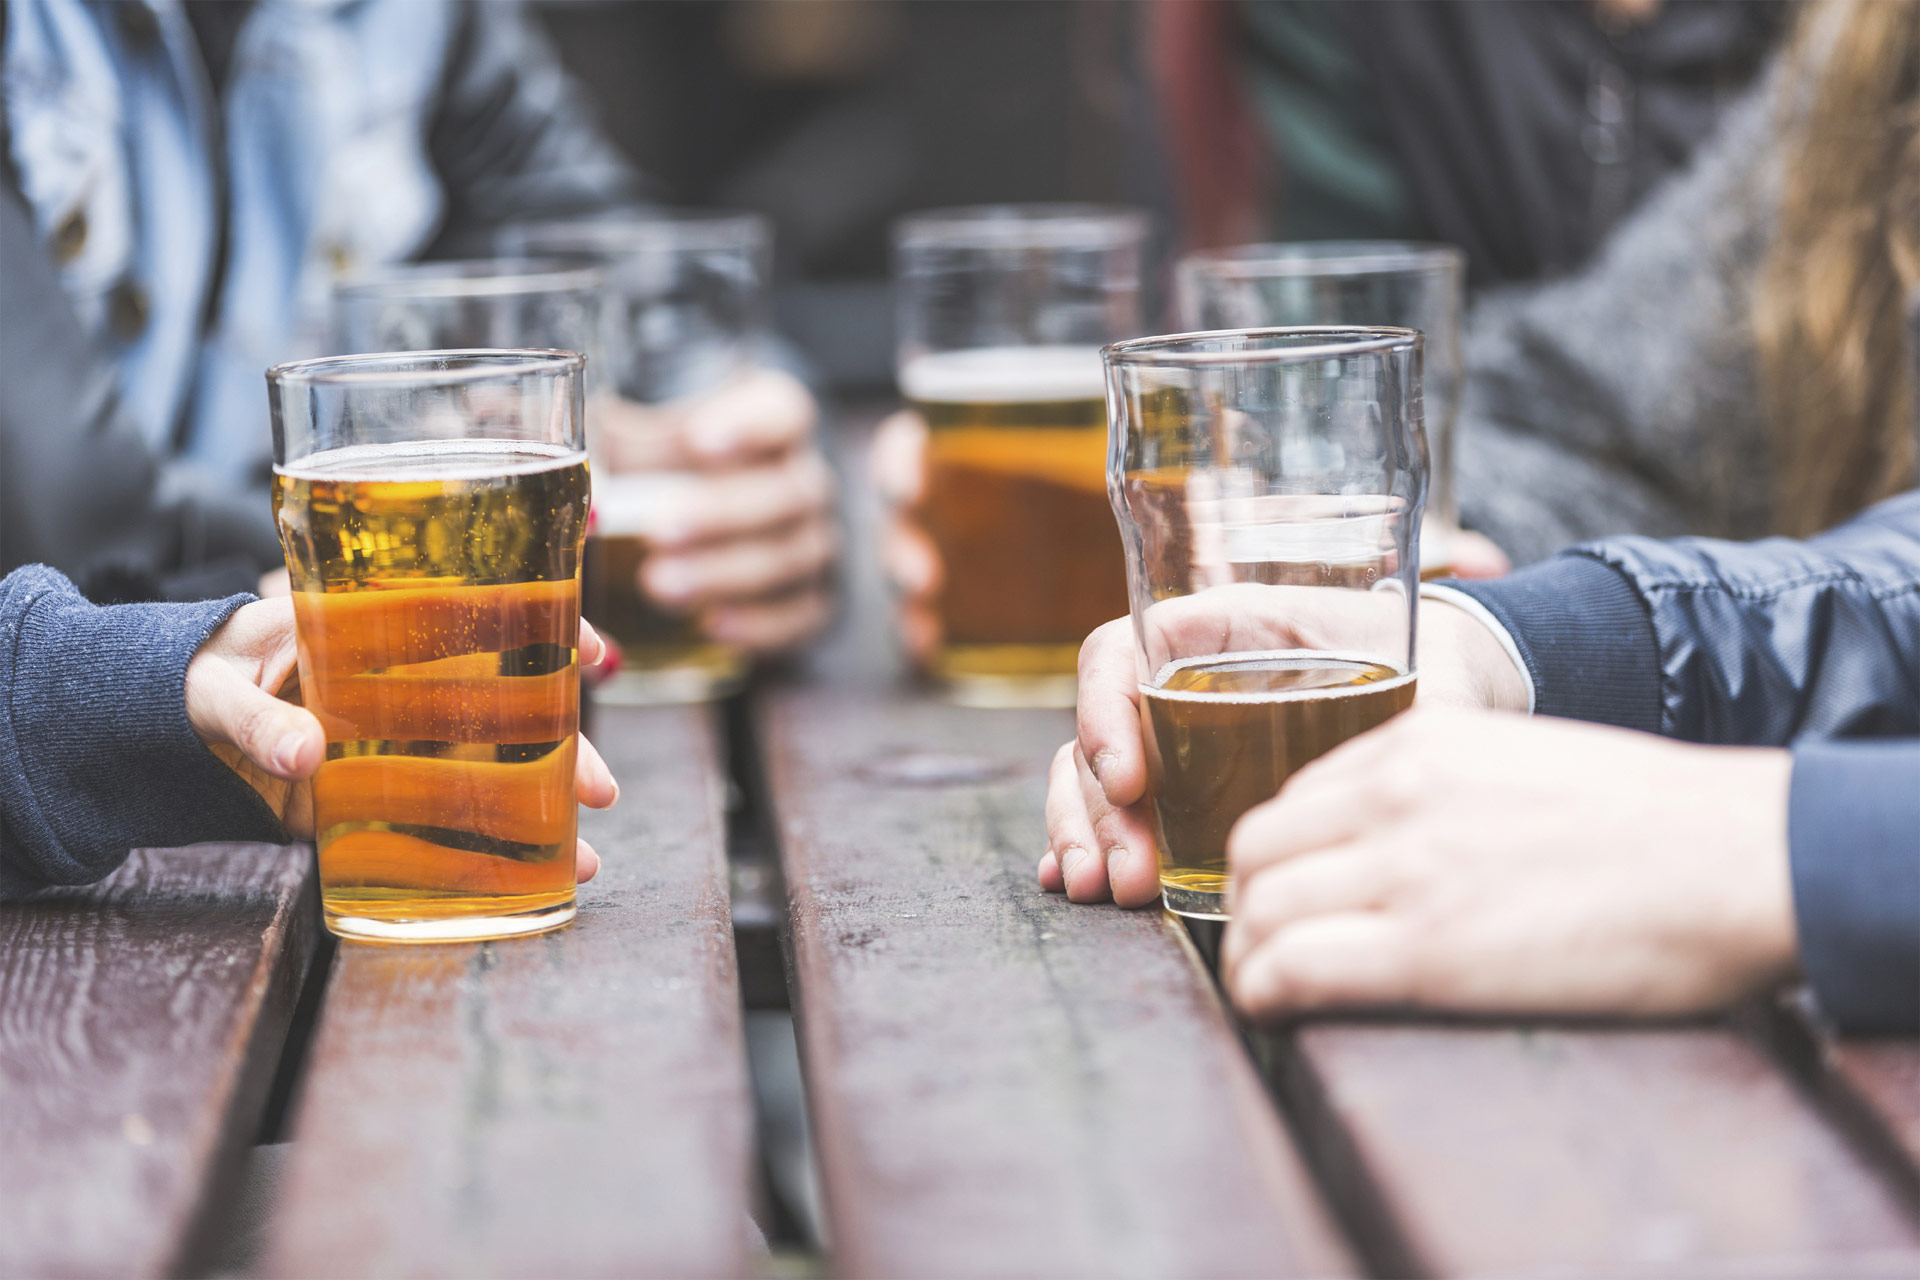 Siempre y cuando se trate de adultos sanos, la ingesta moderada de esta bebida tendría efectos positivos